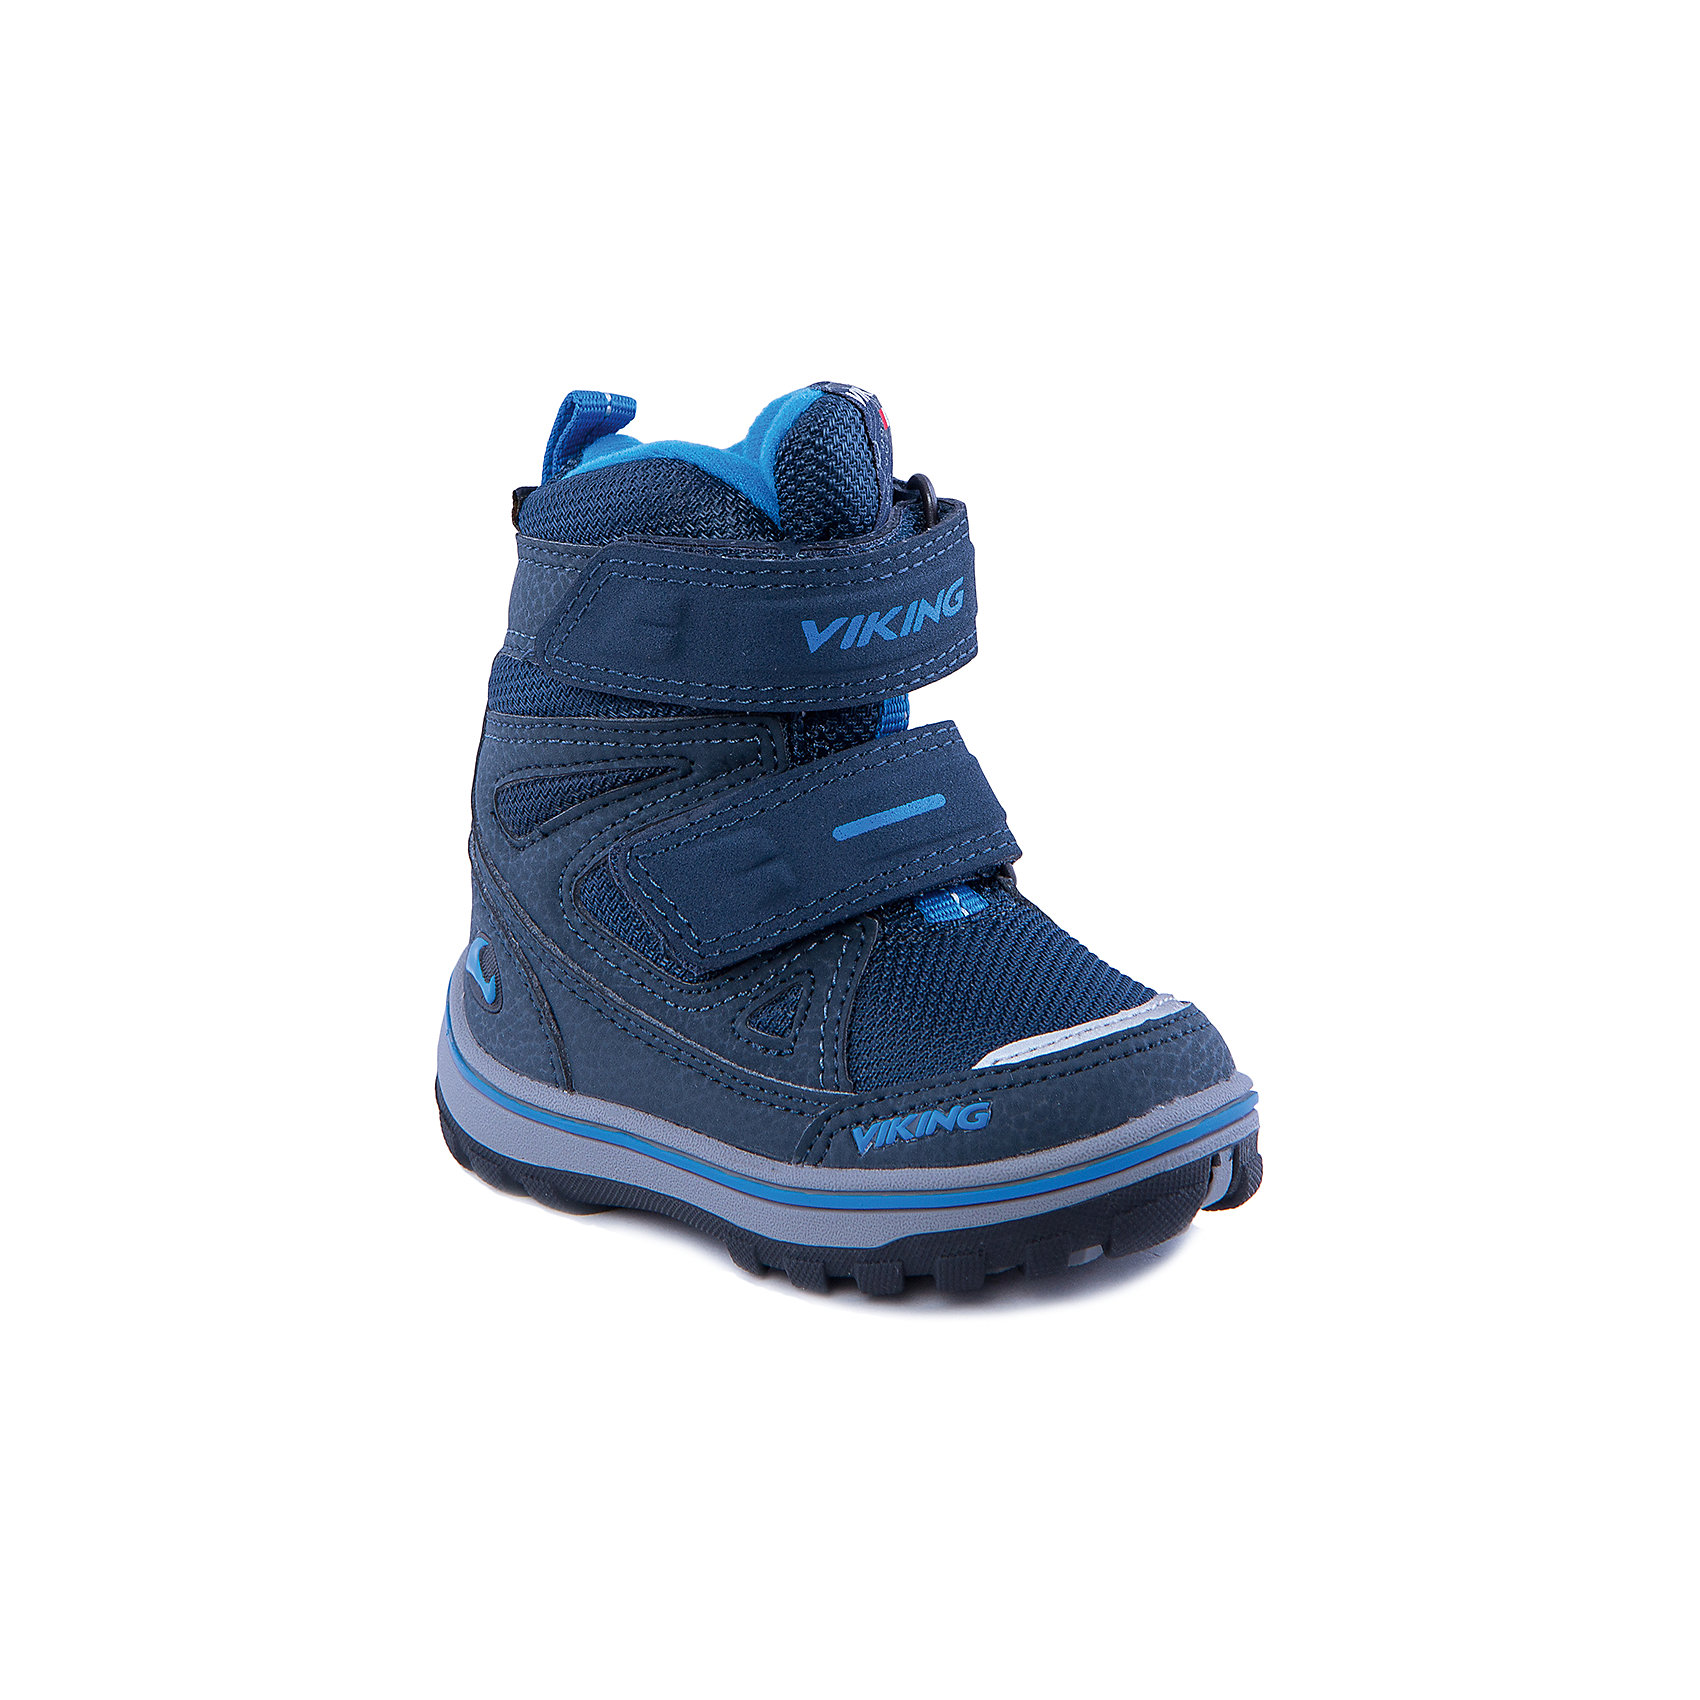 Ботинки для мальчика VIKINGБотинки для мальчика от популярной марки VIKING <br><br>Теплые и удобные зимние ботинки сделаны по уникальной технологии. <br>Производитель обуви VIKING разработал специальную  высокотехнологичную мембрану GORE-TEX. Она добавляется в подкладку обуви и позволяют ногам оставаться сухими и теплыми. Мембрана активно отводит влагу наружу, и не дает жидкости проникать внутрь. Мембрана GORE-TEX не создает препятствий для воздуха, обеспечивая комфортные условия для детских ножек.<br><br>Отличительные особенности модели:<br><br>- цвет: синий;<br>- гибкая нескользящая подошва;<br>- утепленная стелька;<br>- небольшой вес;<br>- усиленный носок и задник;<br>- эргономичная форма;<br>- мембрана GORE-TEX;<br>- специальная колодка для поддержания правильного положения стопы;<br>- соединенный с ботинком язычок, не дающий снегу попасть внутрь;<br>- удобный супинатор;<br>- застежки-липучки.<br><br>Дополнительная информация:<br><br>- Температурный режим: от - 30° С  до -0° С.<br><br>- Состав:<br><br>материал верха: синтетический материал, текстиль<br>материал подкладки: 80% шерсть, 20% полиэстер, мембрана GORE-TEX<br>подошва: резина<br><br>Ботинки для мальчика VIKING (Викинг) можно купить в нашем магазине.<br><br>Ширина мм: 262<br>Глубина мм: 176<br>Высота мм: 97<br>Вес г: 427<br>Цвет: синий<br>Возраст от месяцев: 12<br>Возраст до месяцев: 15<br>Пол: Мужской<br>Возраст: Детский<br>Размер: 21,23,20,25,27,22,24,26,28,29<br>SKU: 4279265